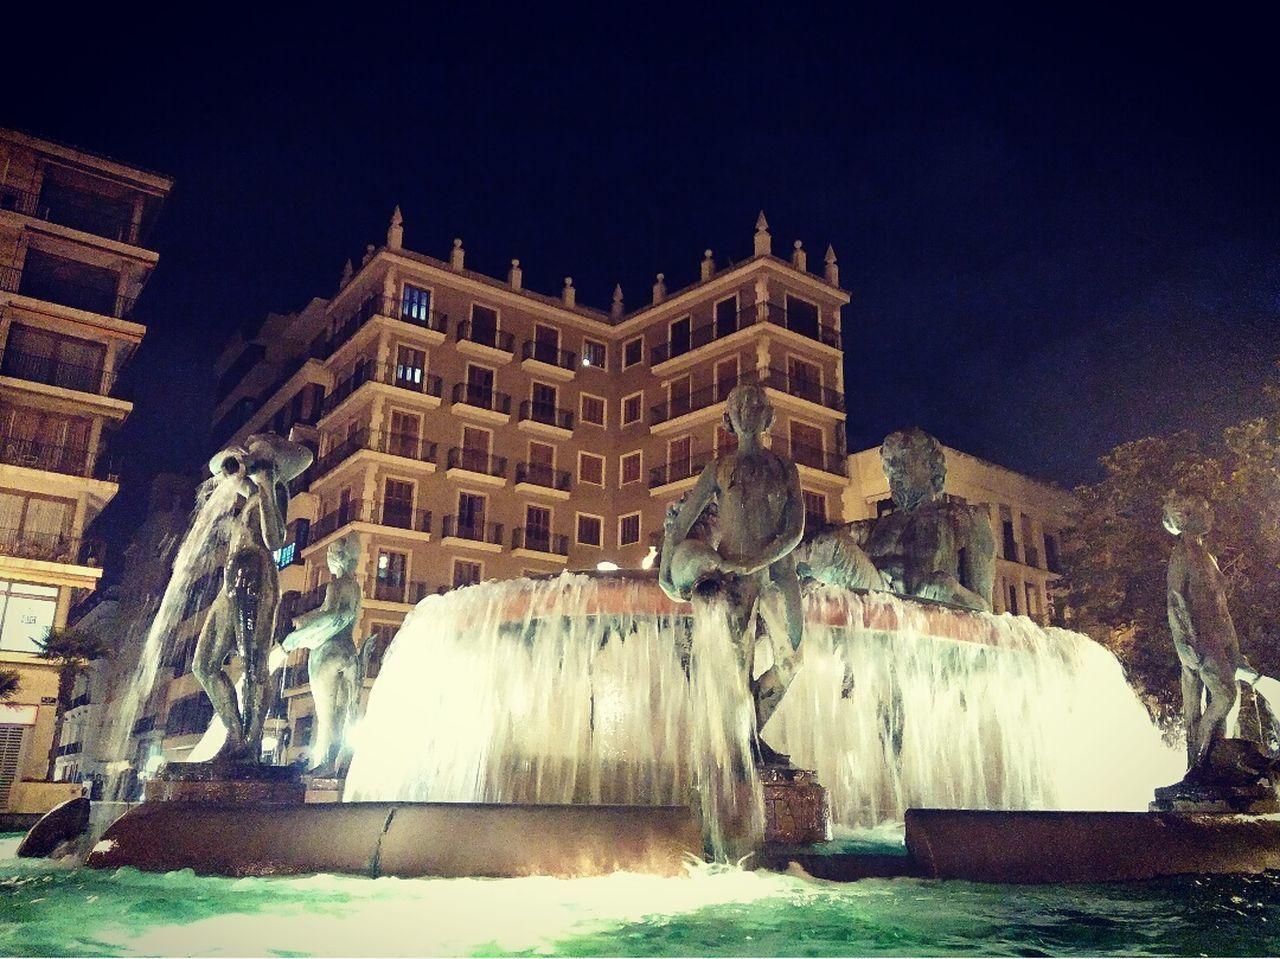 València M'enamora Architecture Valencia✌ Communication No People Architecture Water